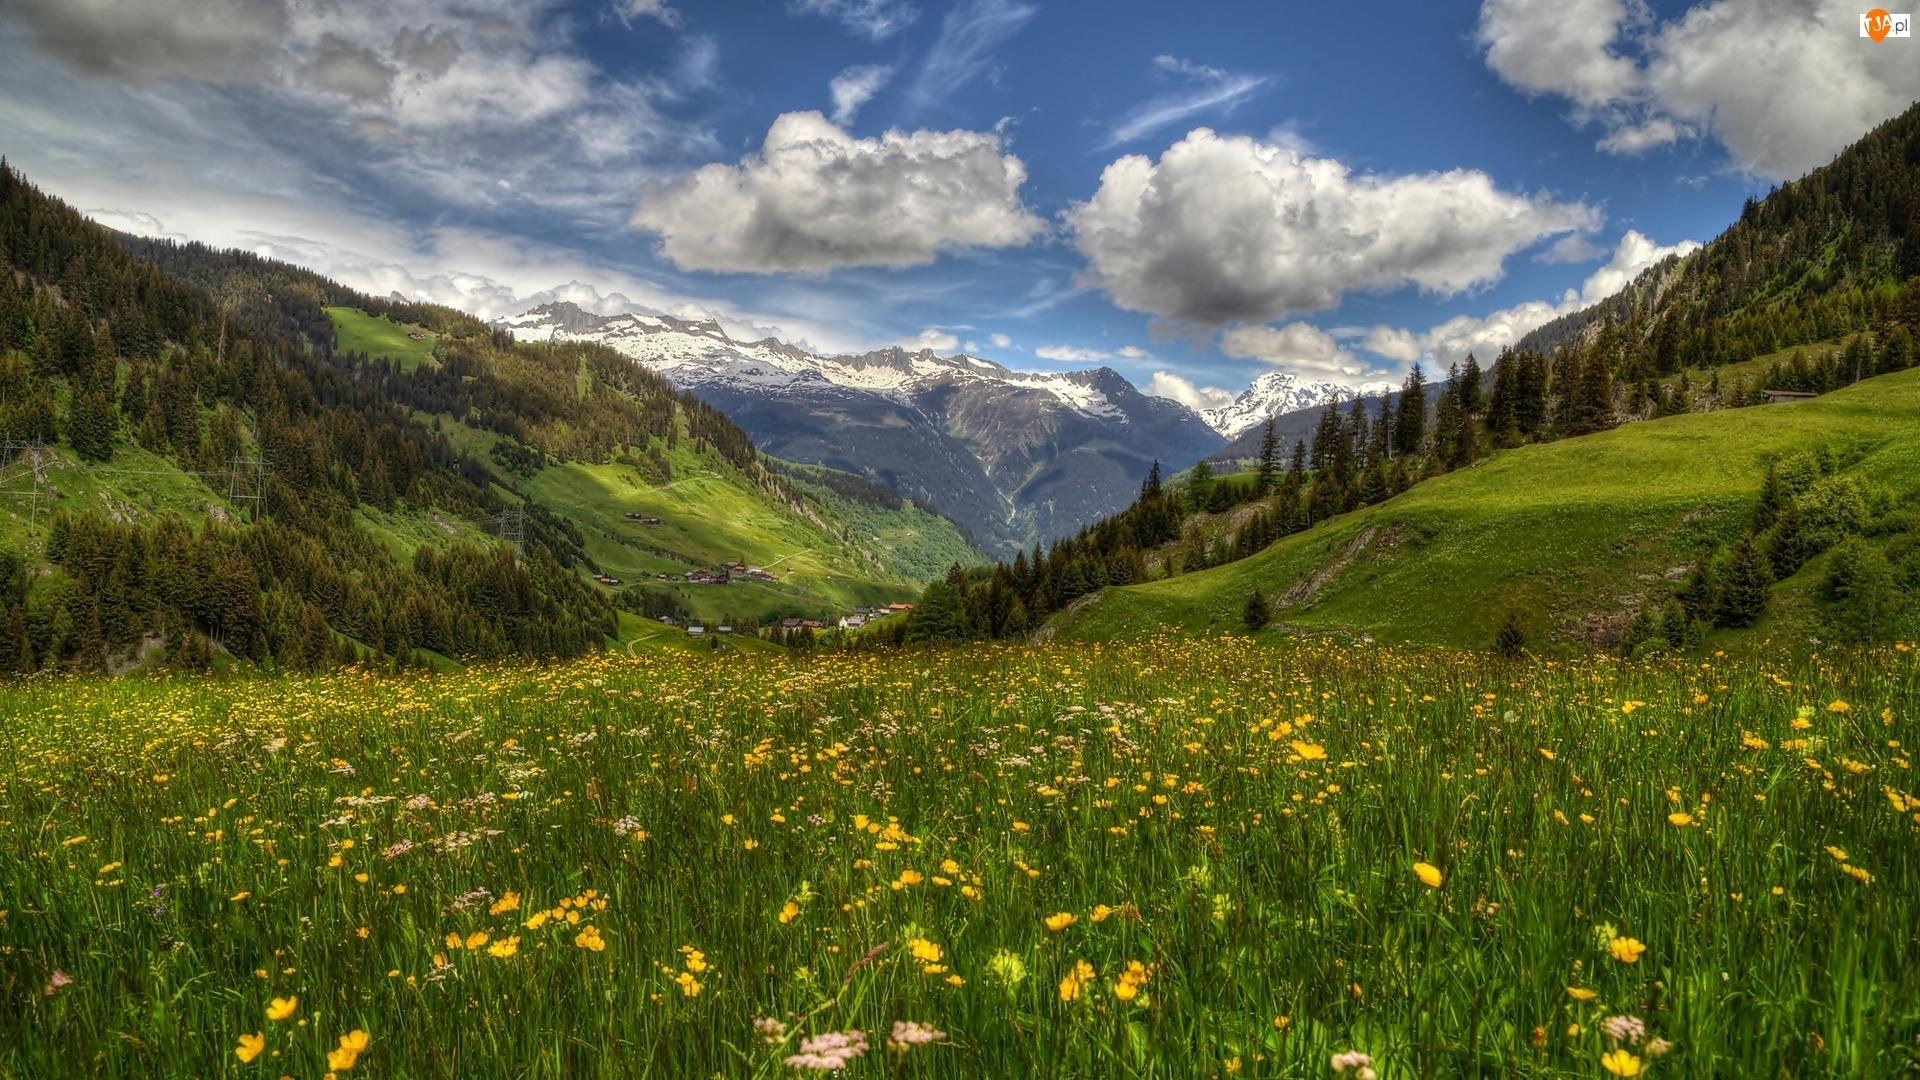 Kwiaty, Dolina, Dolina Surselva, Góry, Szwajcaria, Wiosna, Łąka, Wioska